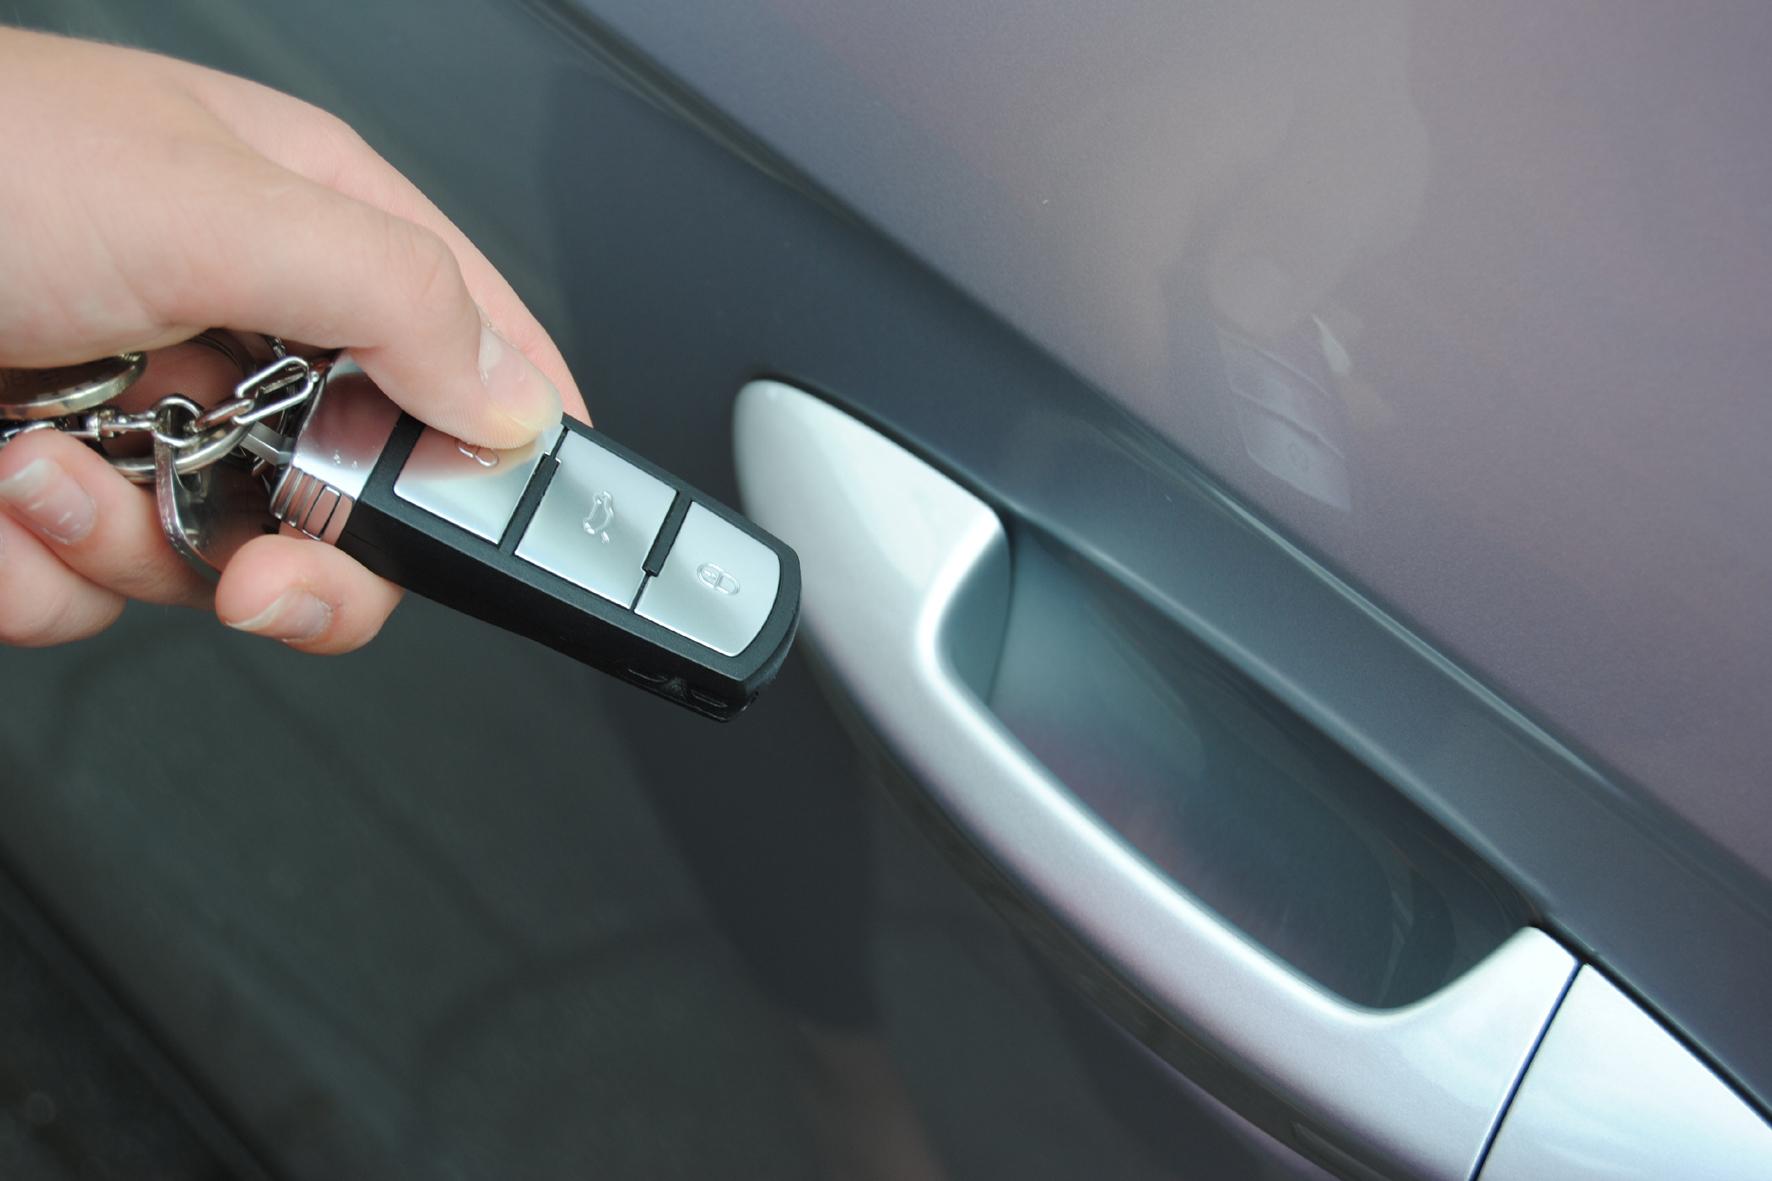 mid Düsseldorf - Geht ein Autoschlüssel mit elektronischer Wegfahrsperre verloren, sollte der Halter die Schlüssel sofort sperren lassen.